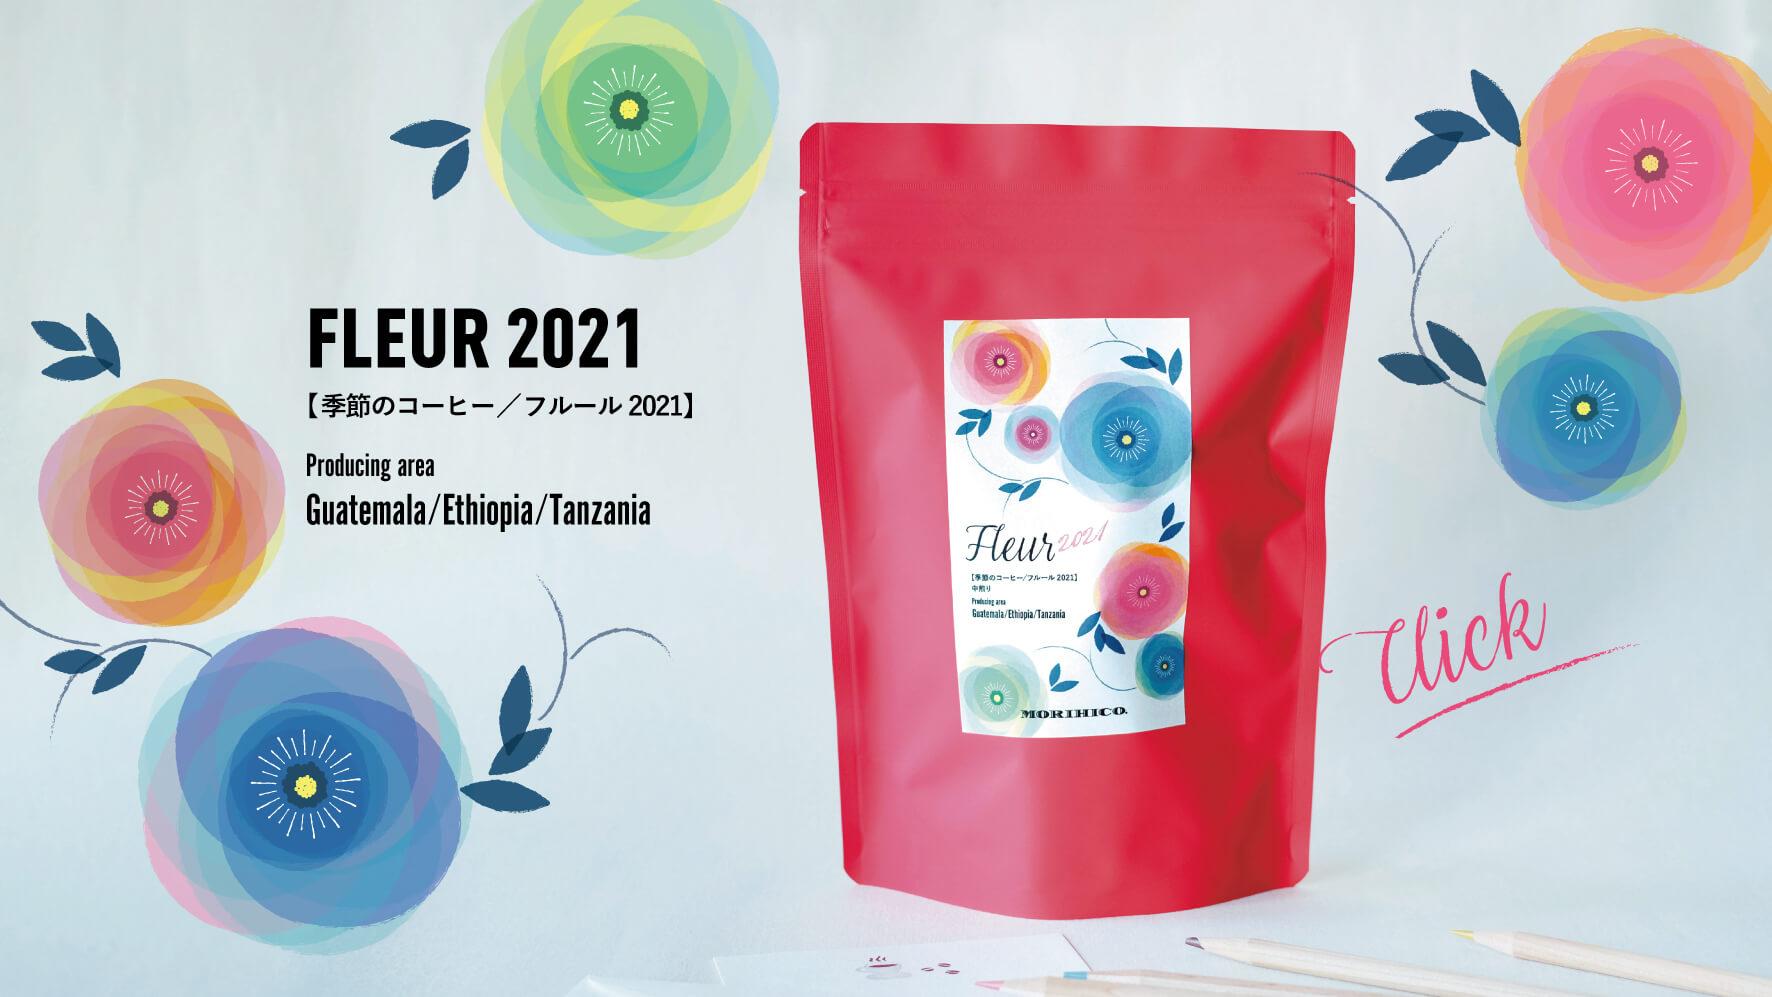 【フルール2021】季節のコーヒー新発売